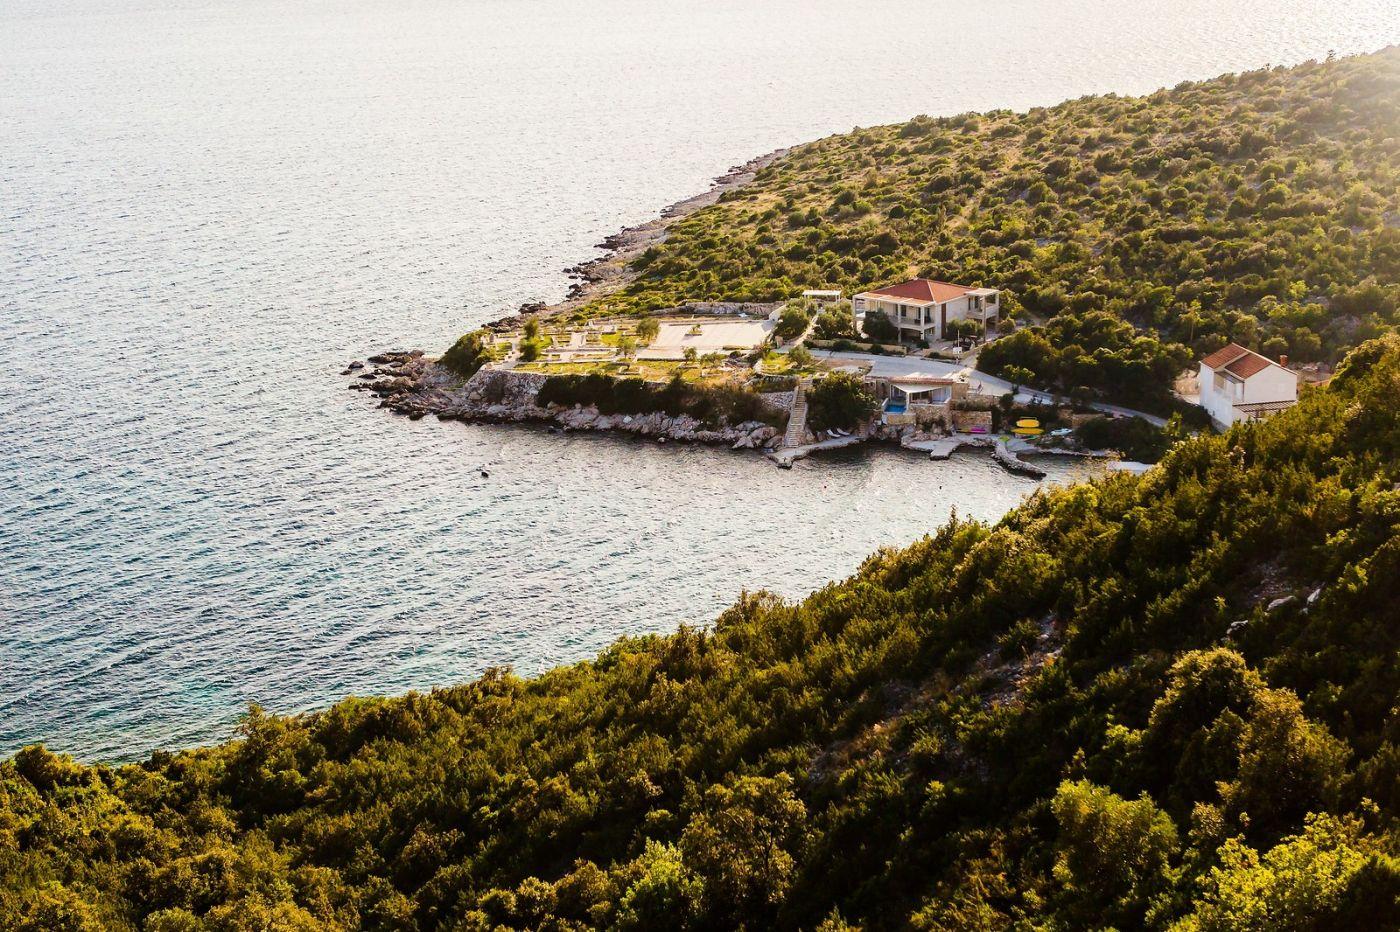 克罗地亚旅途,海岸线景色_图1-27